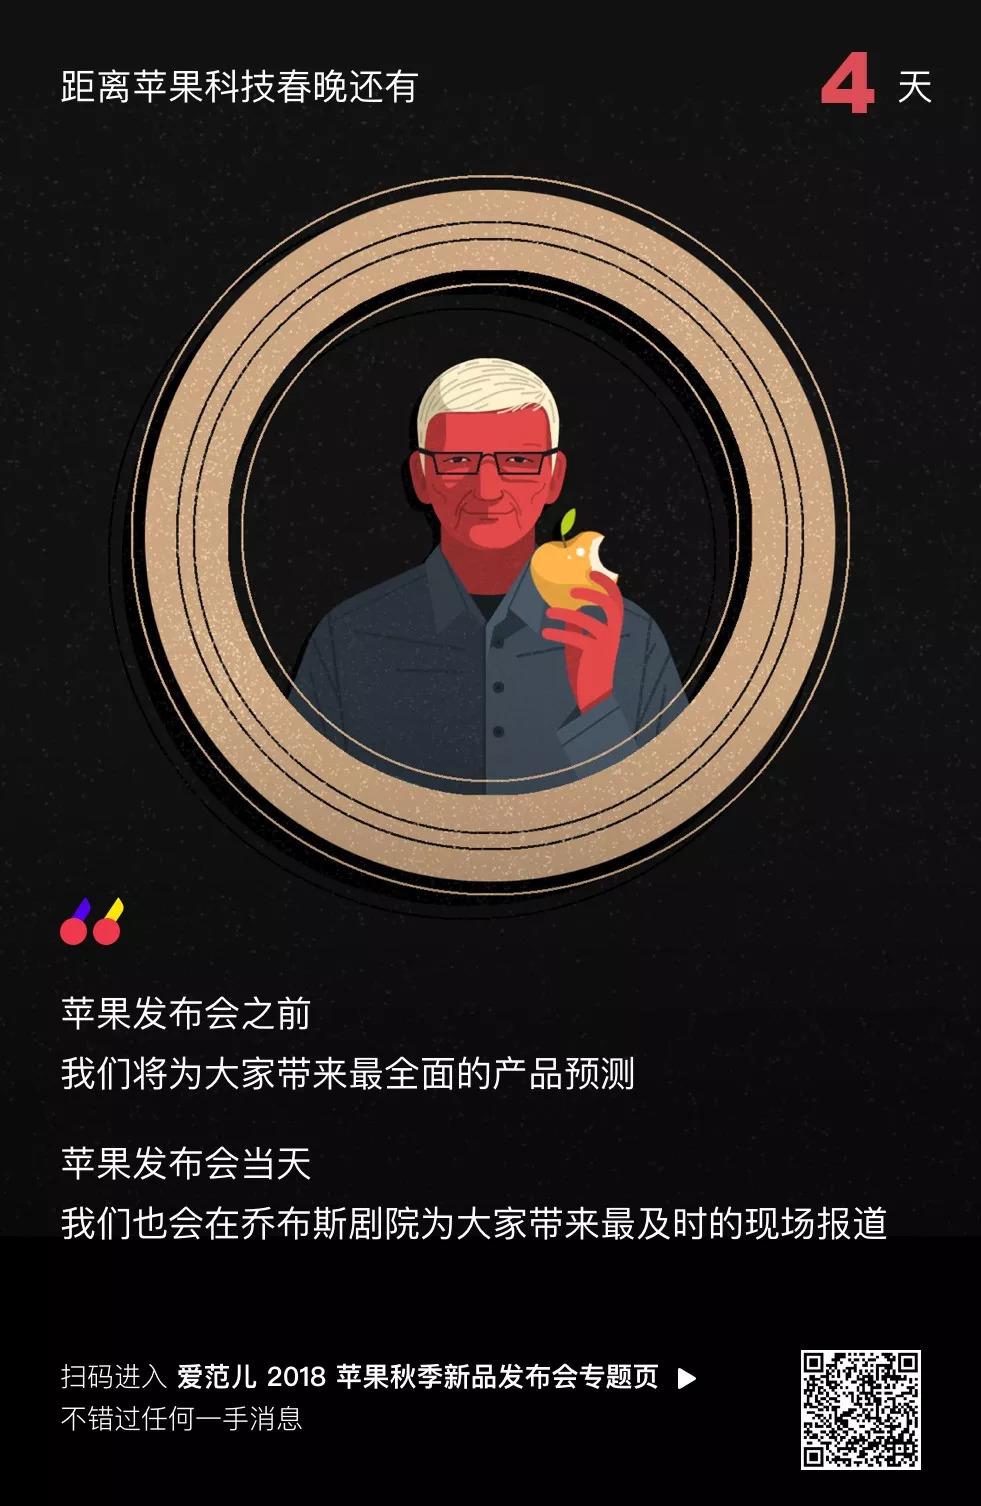 美高梅4858官方网站 21